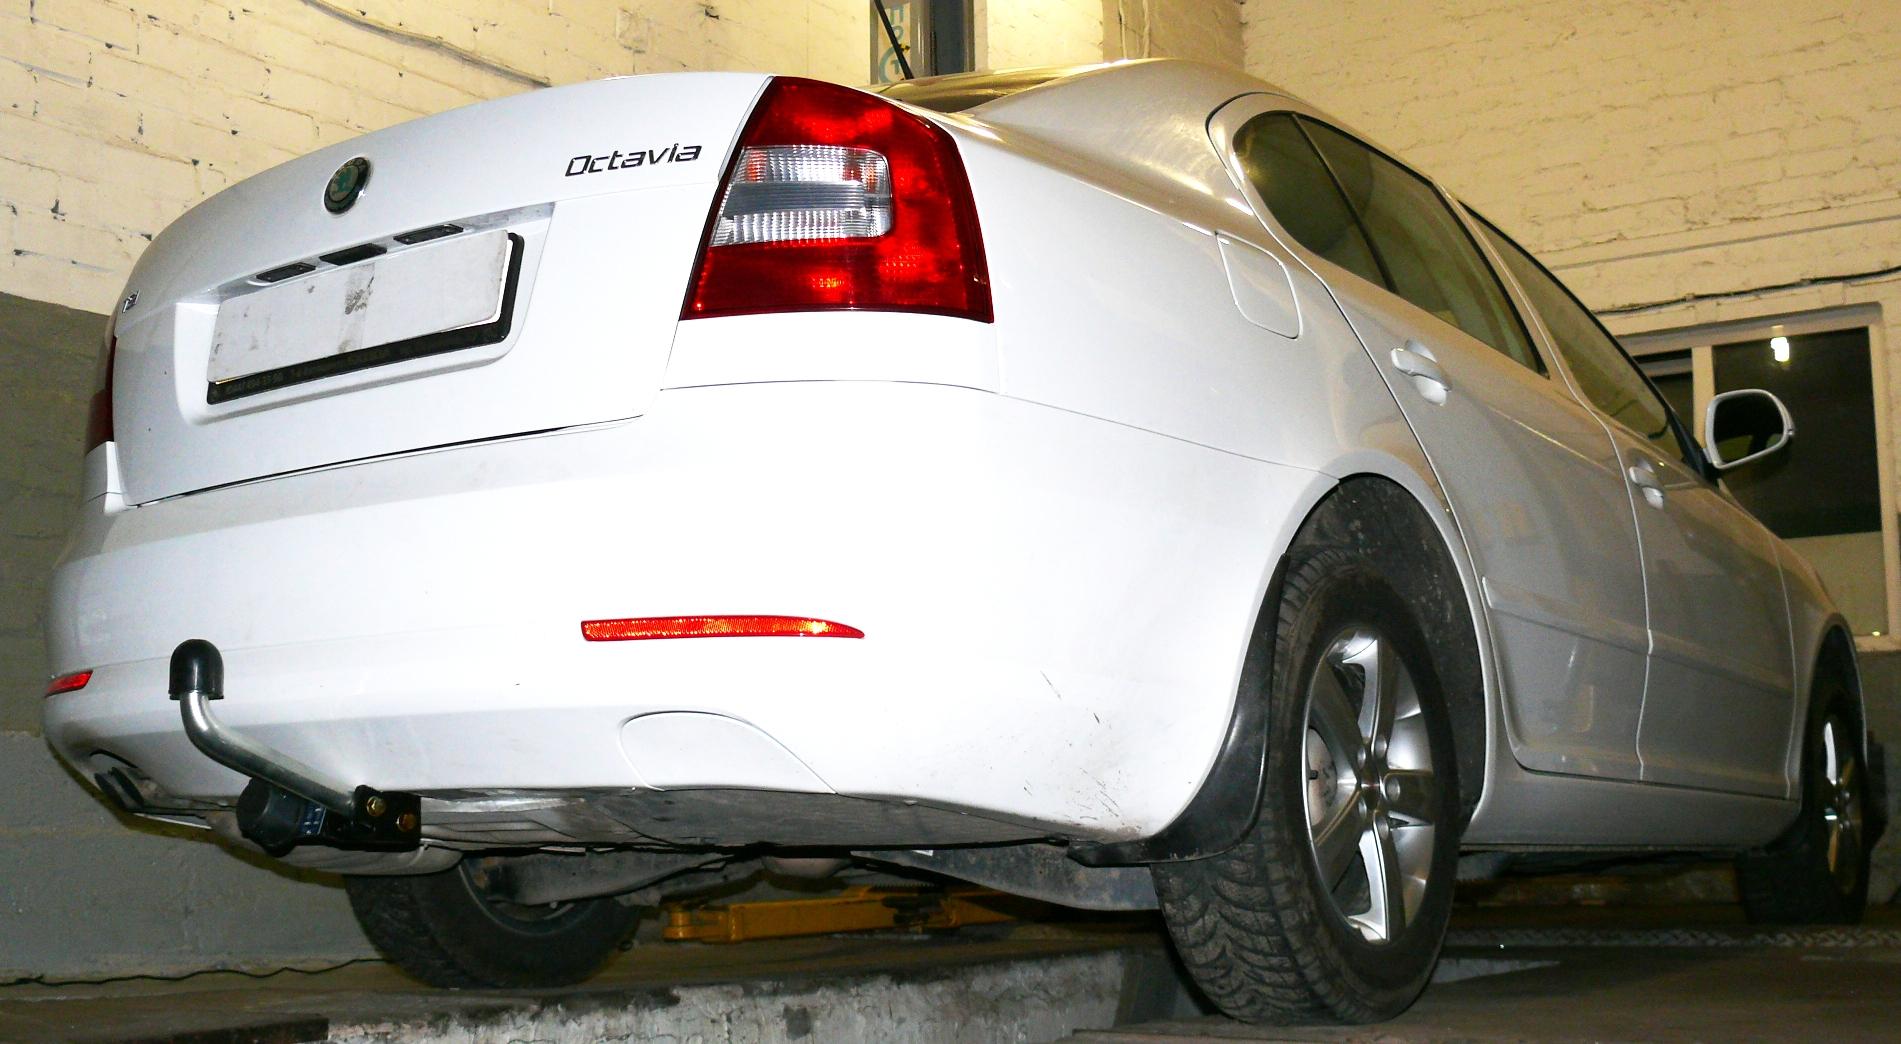 2 - Установка фapкoпов на аавтомобили, примеры работ с 6